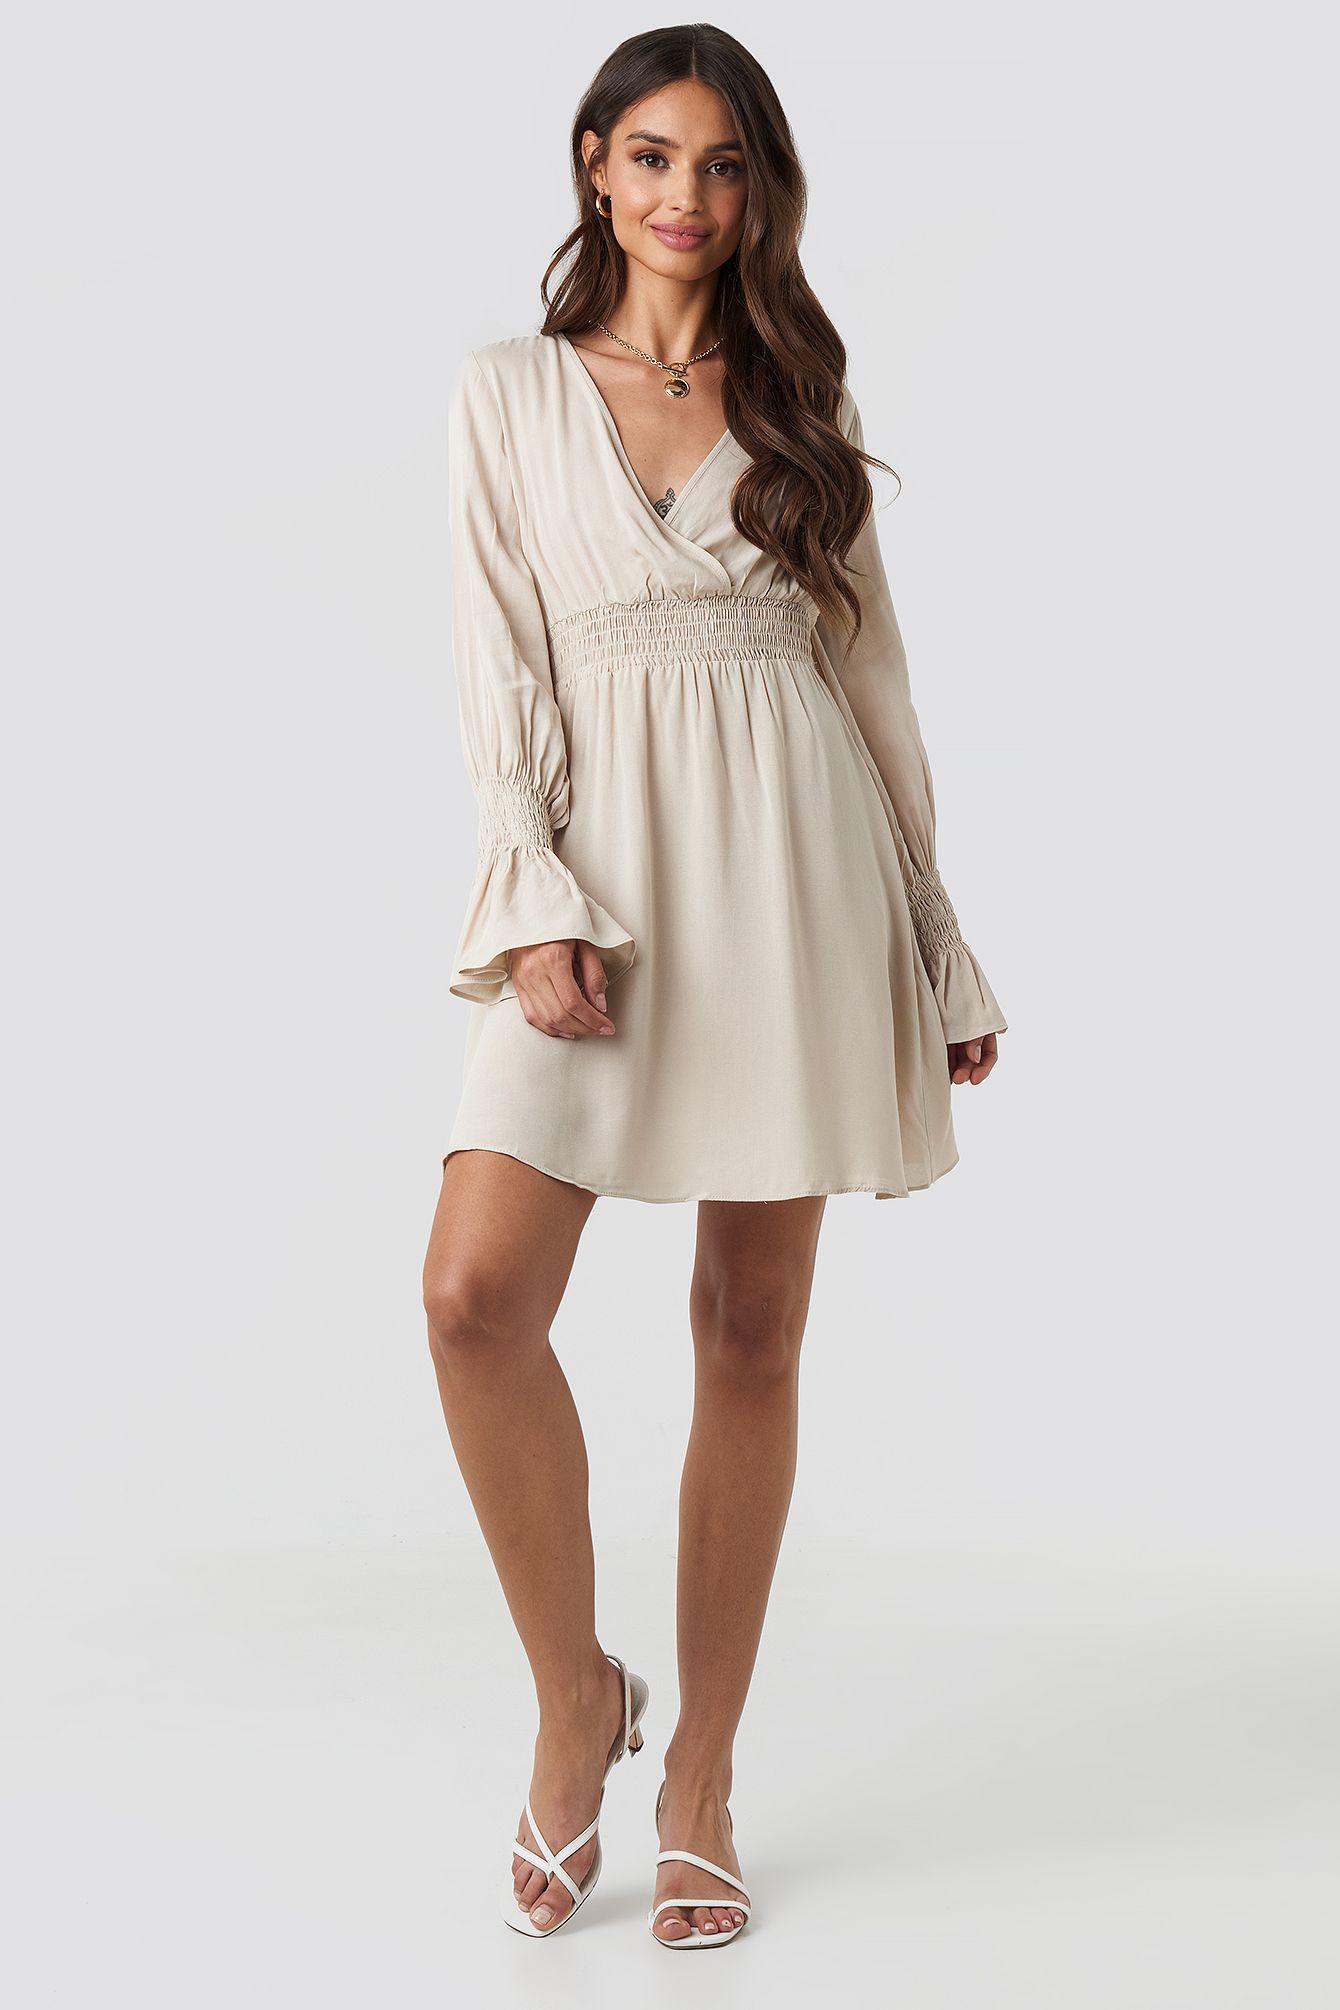 Trendyol Elastic Waist Ls Dress - Beige  ModeSens in 14